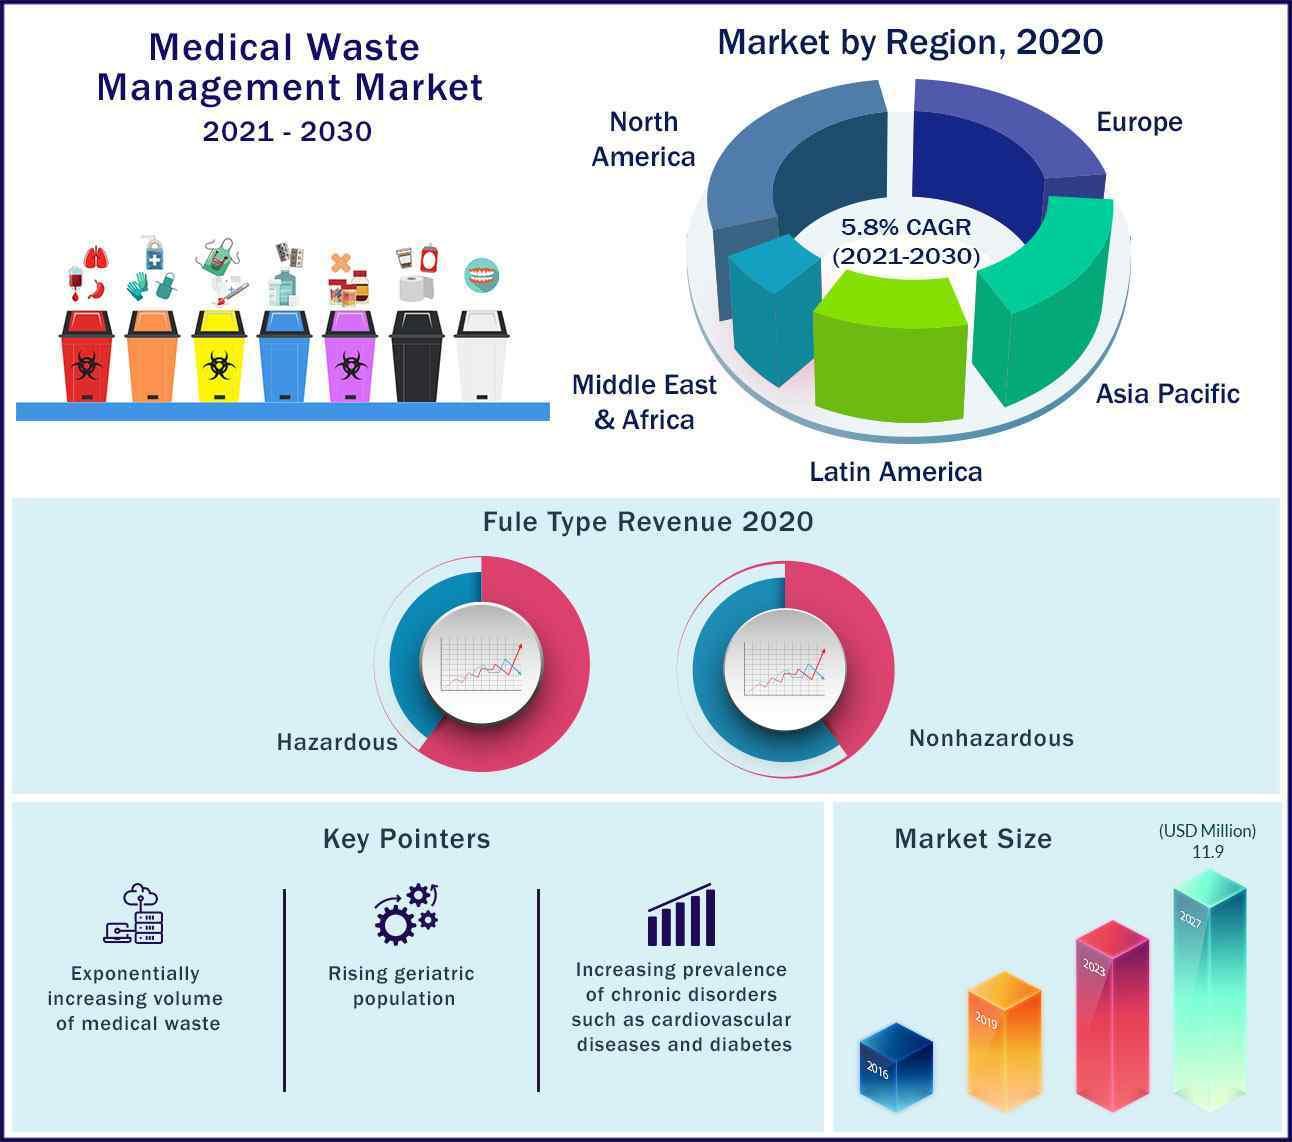 Global Medical Waste Management Market 2021-2030